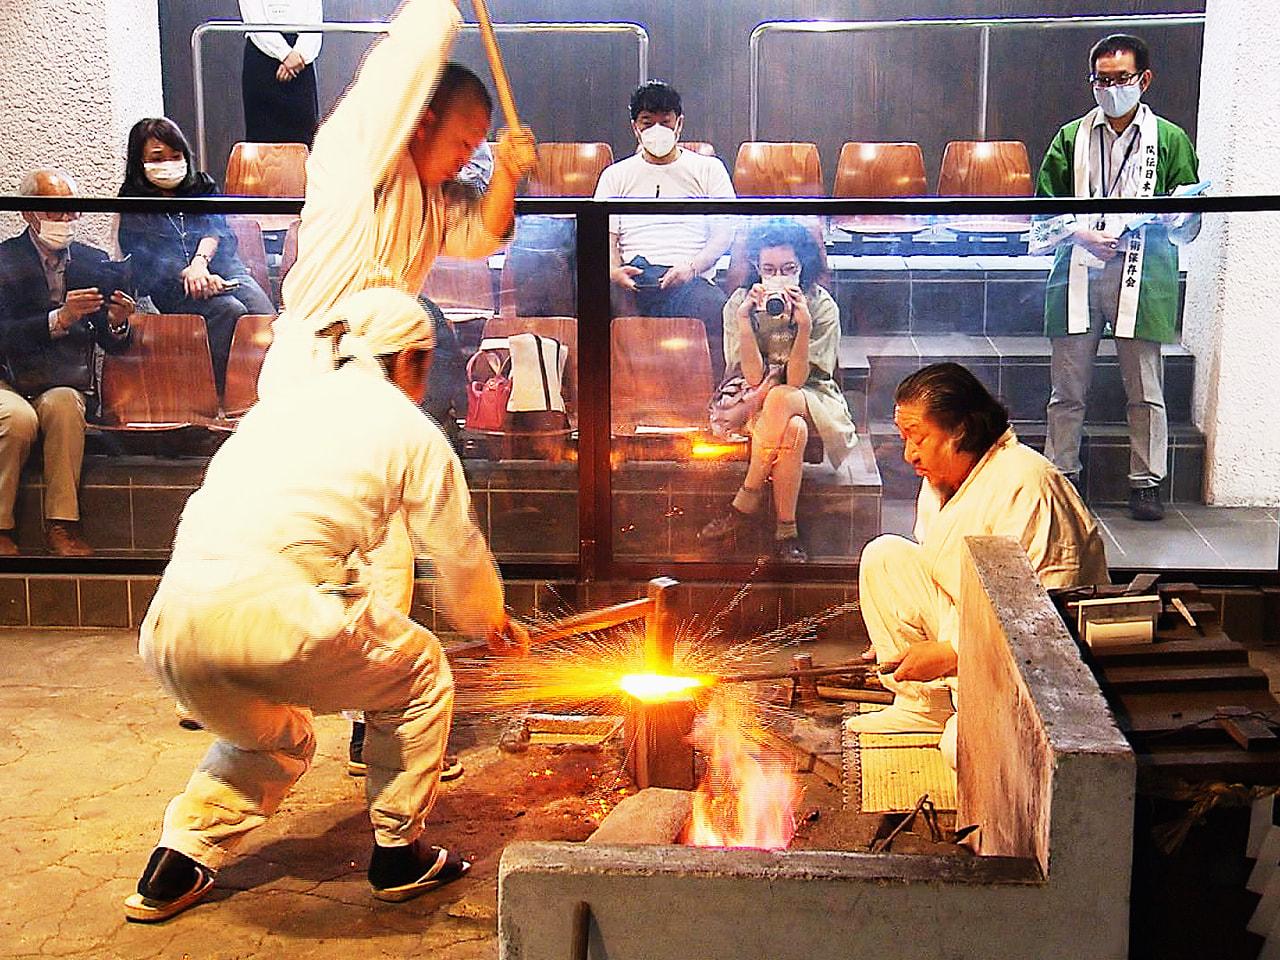 日本刀鍛錬技術を多くの人に広めようと、岐阜県関市の関鍛冶伝承館では毎月、一般向け...